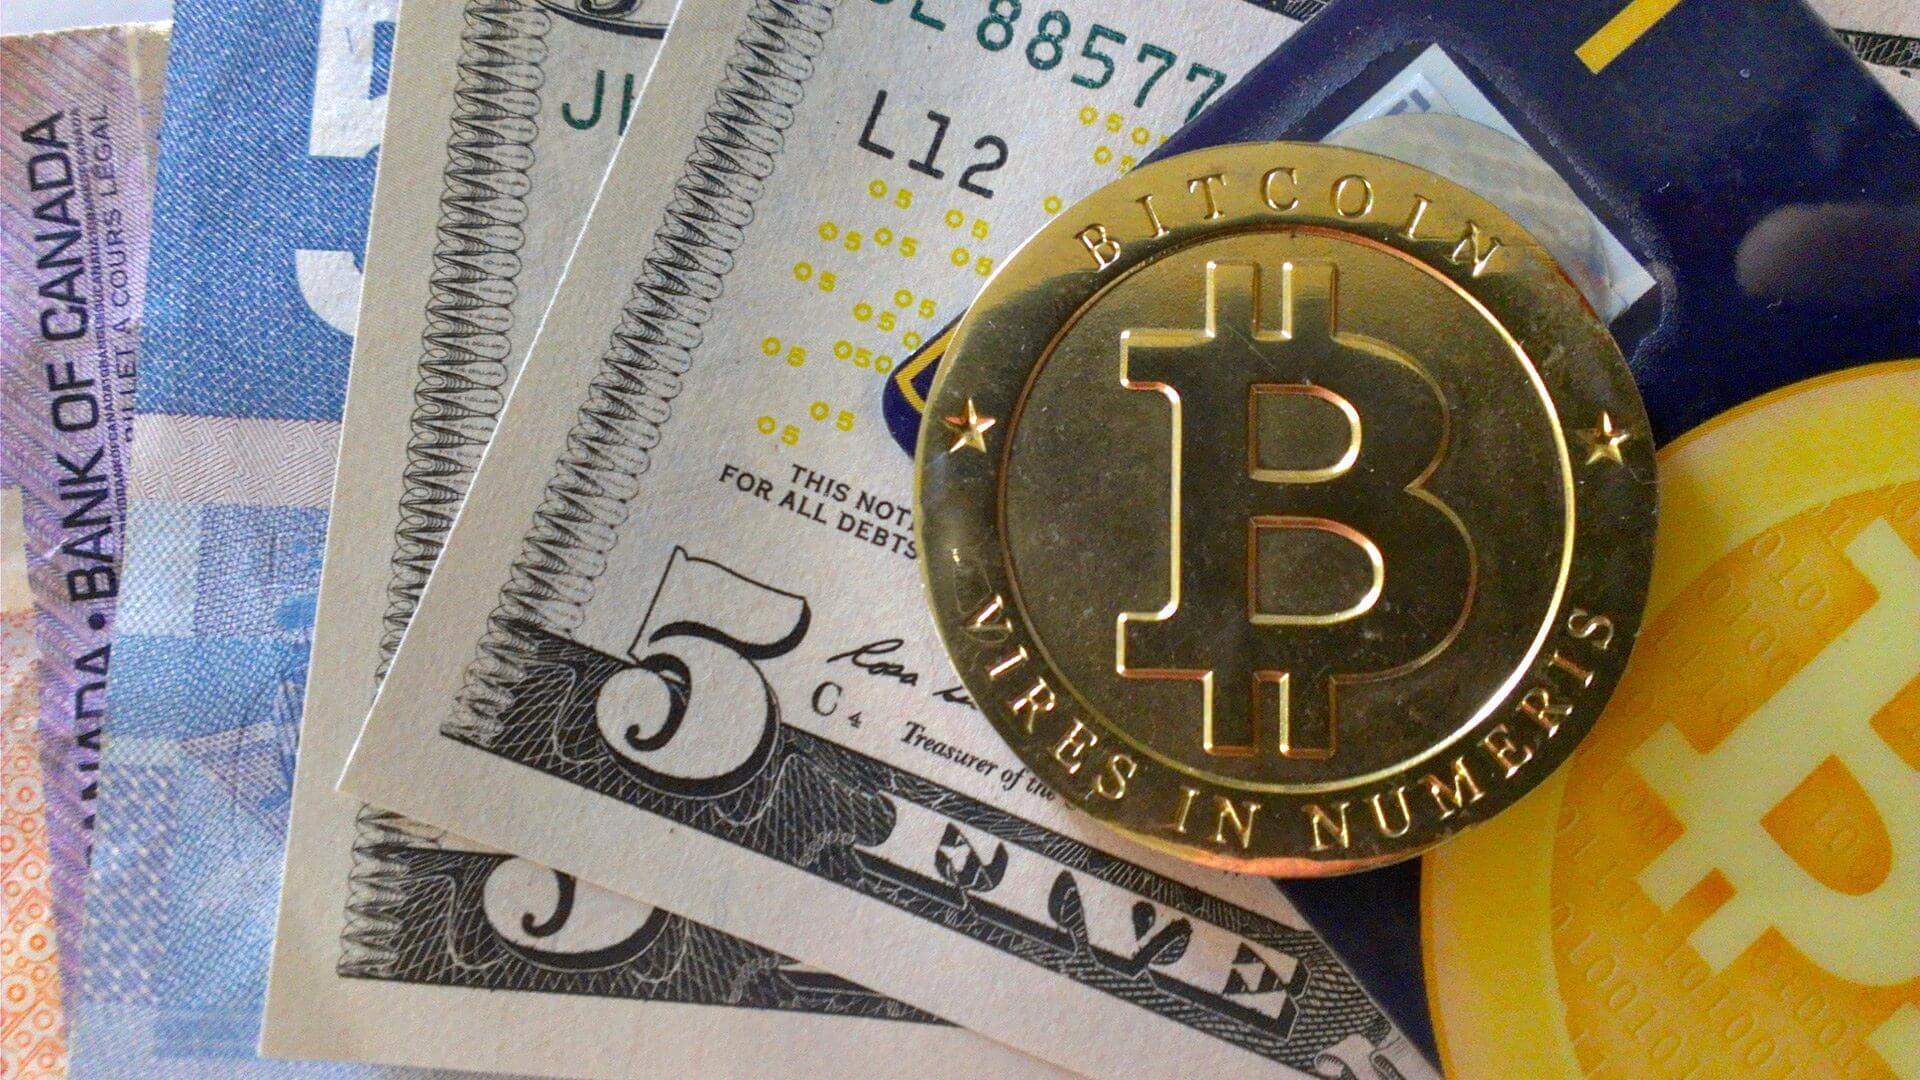 Revelada a possível identidade do inventor do bitcoin